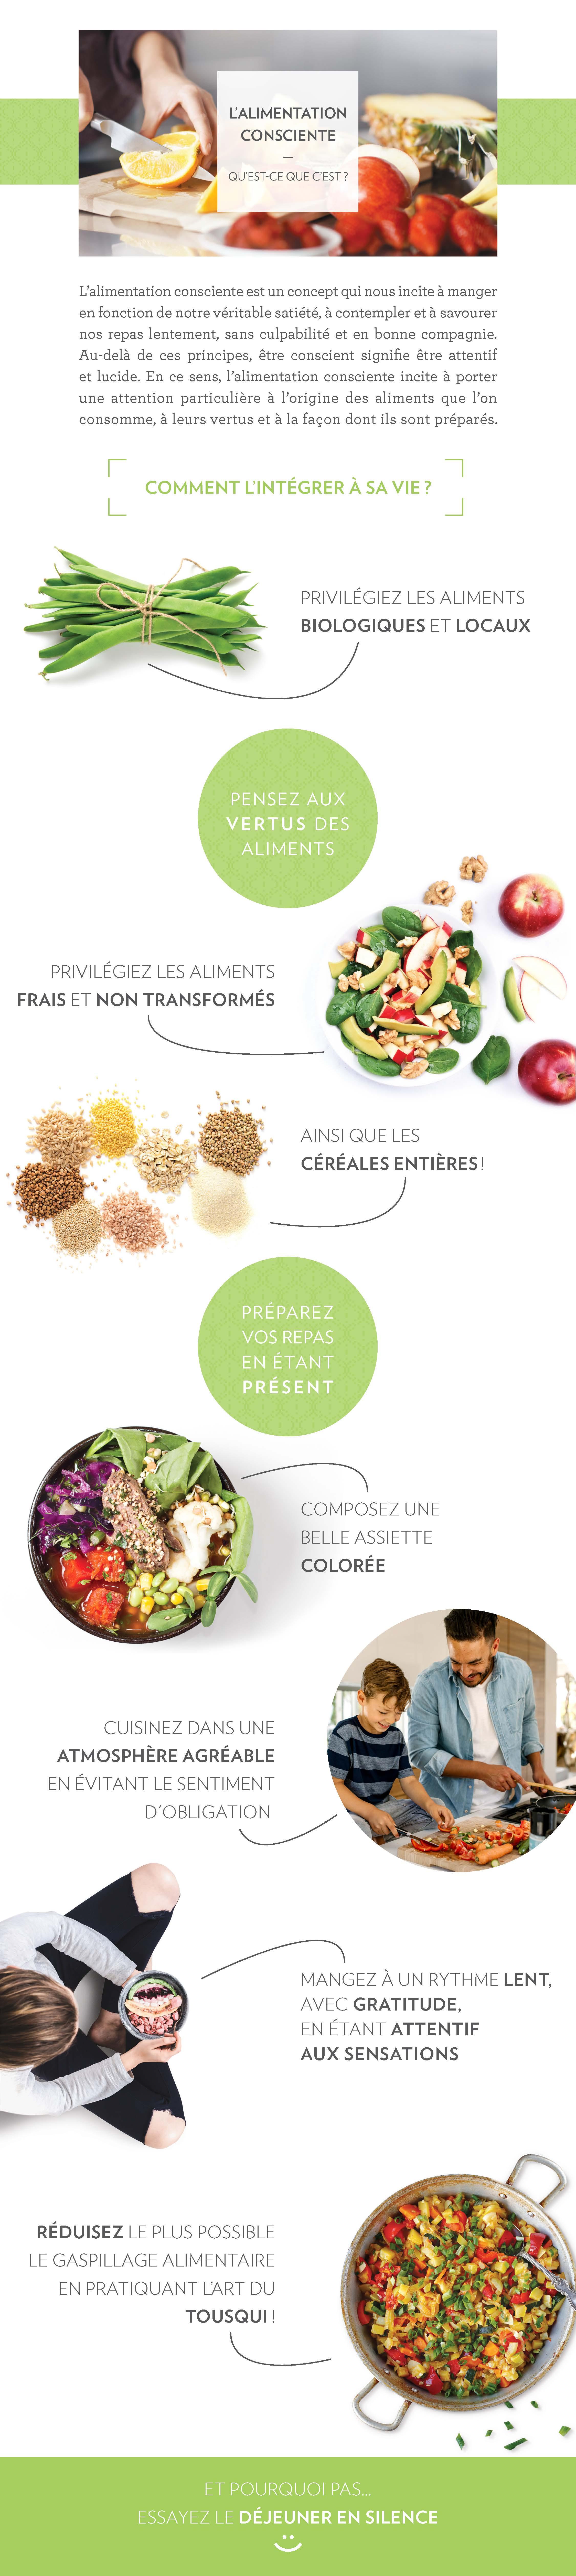 Infographie alimentation consciente